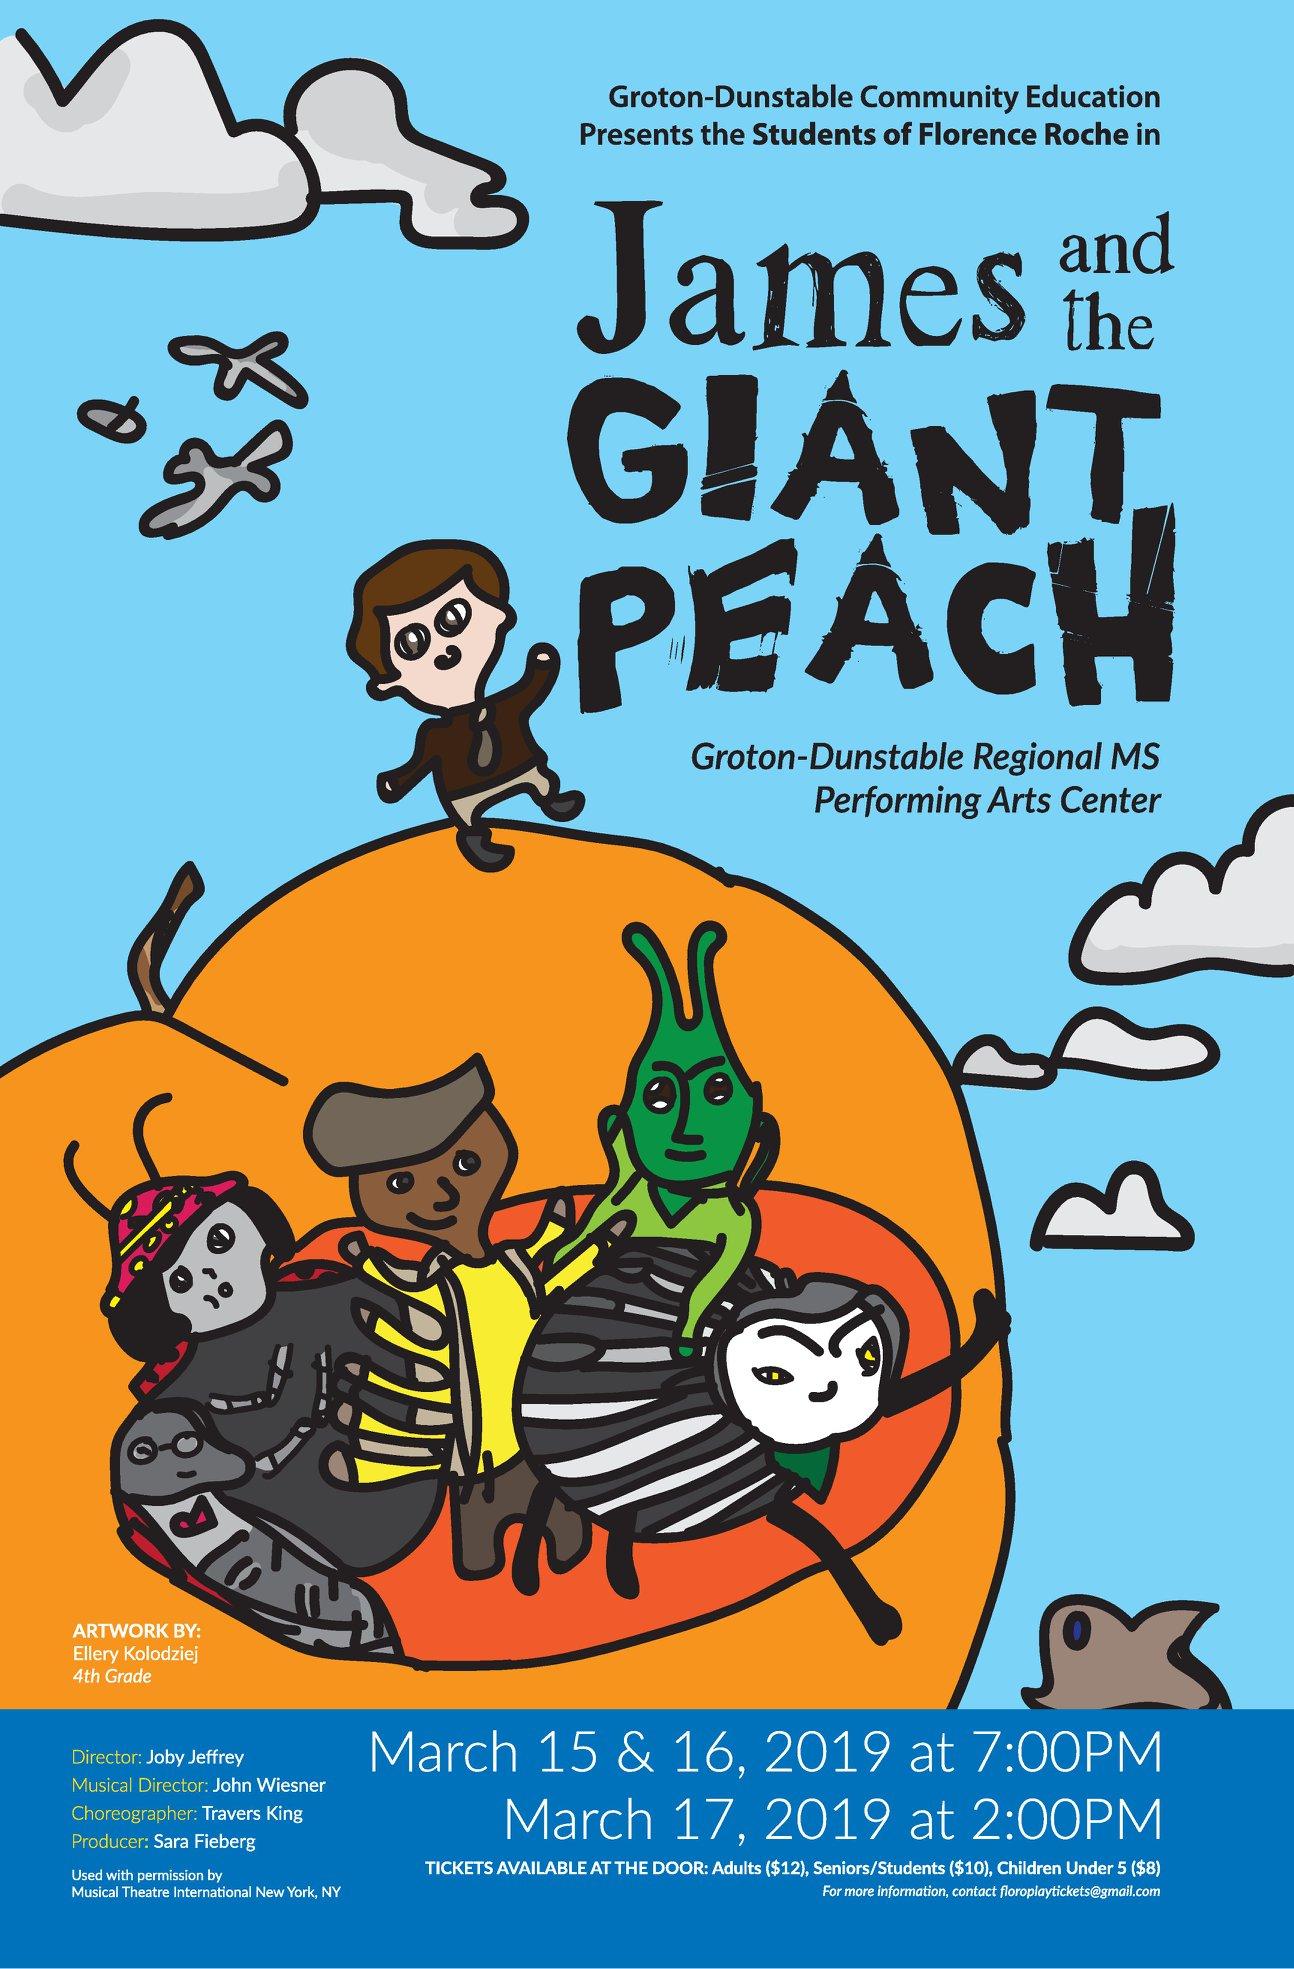 giant-peach-artwork